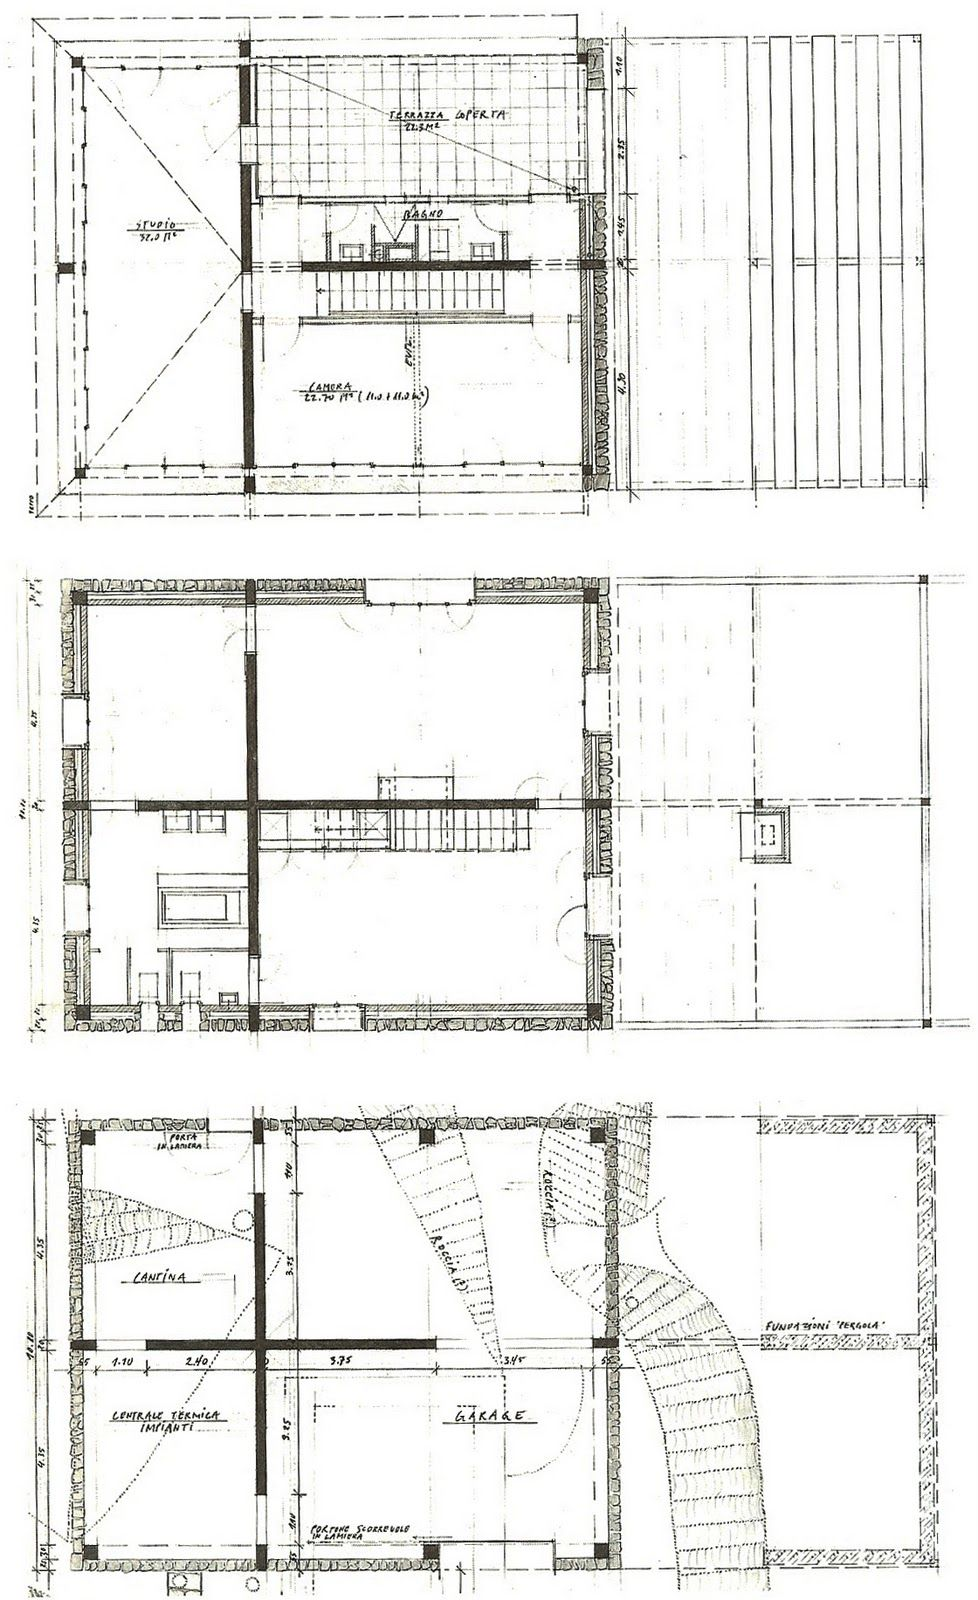 Plans Of Architecture Herzog De Meuron Stone House 1982 1985 Tavole Stone House Architecture Plan Stone House Plans